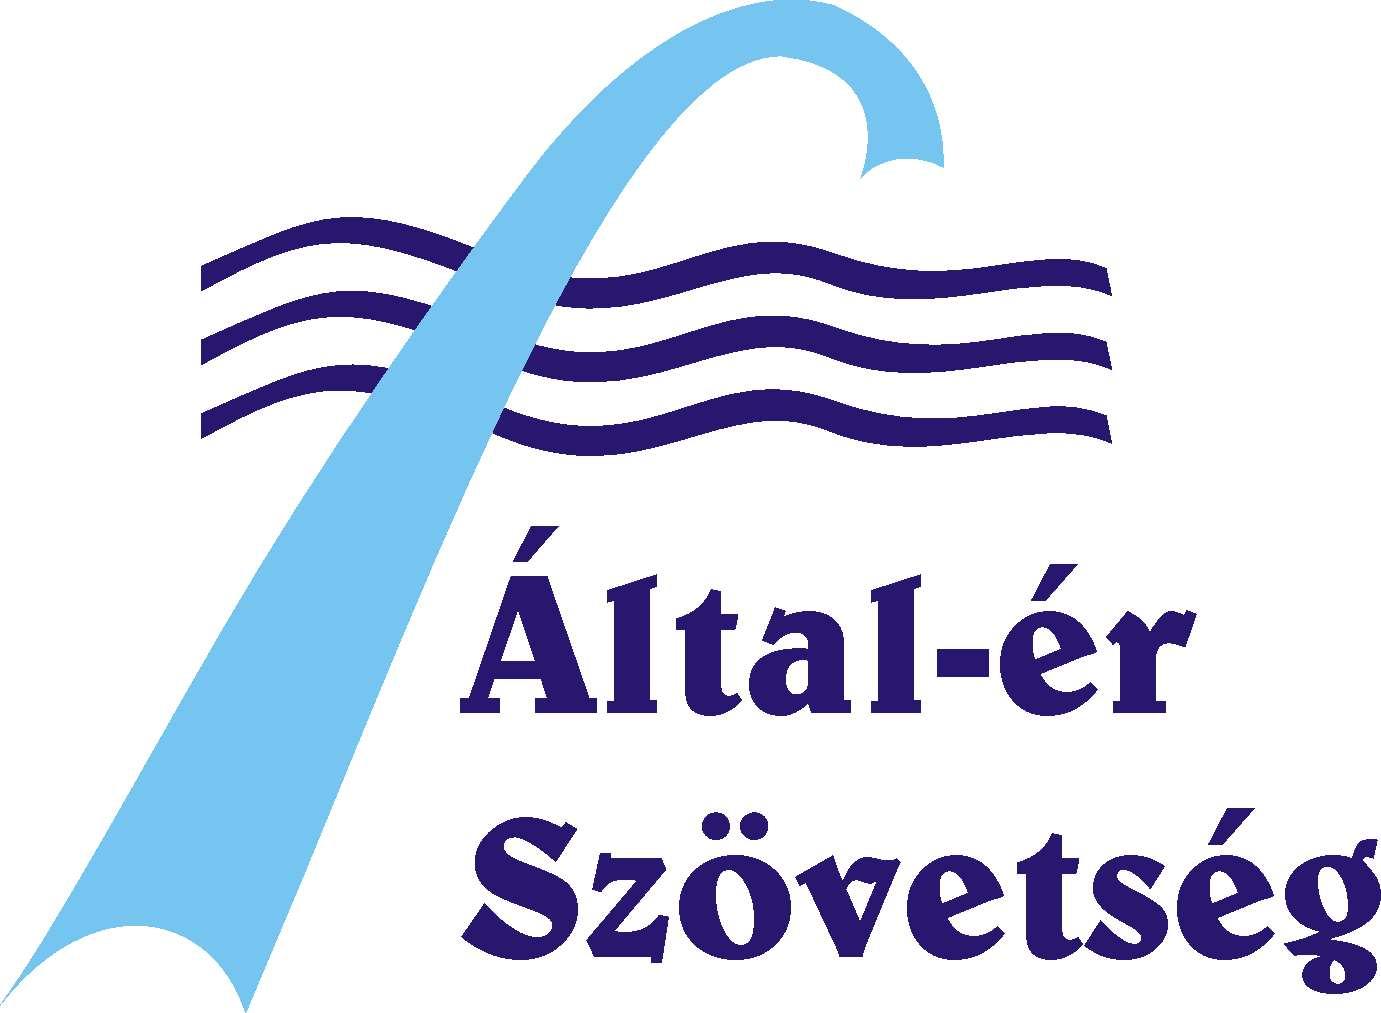 Által-ér Szövetség logója